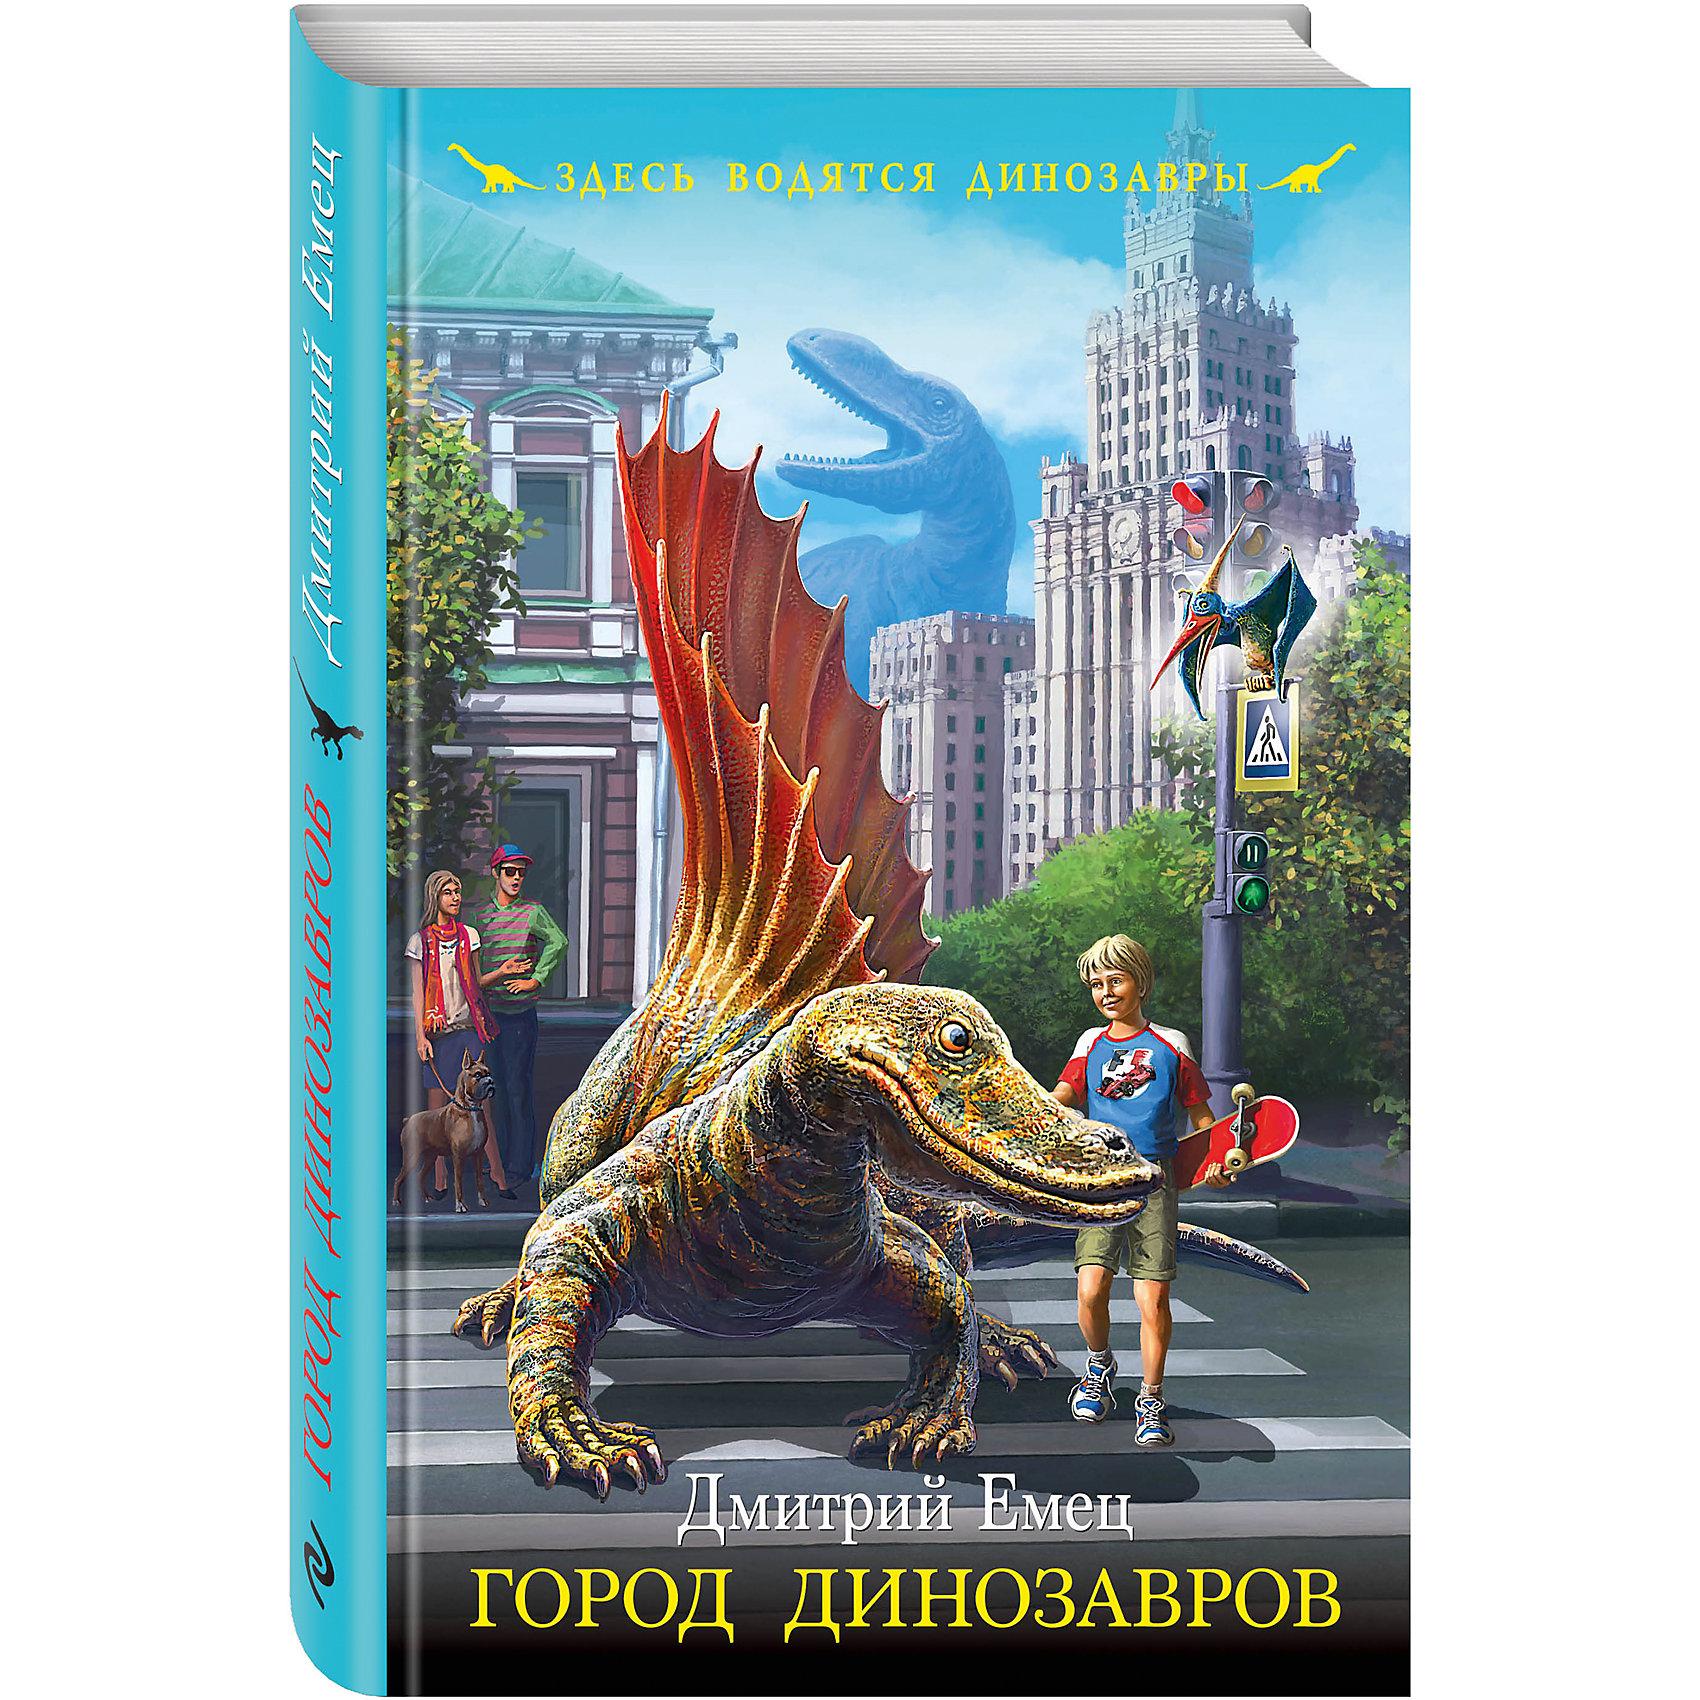 Город динозавров, Д. ЕмецРассказы и повести<br>Вы мечтали увидеть живых динозавров? Пожалуйста! Настоящие динозавры летают над Кремлем, плавают в Москве-реке, носятся друг за другом по улицам и проспектам. Ужас для взрослых, радость для детей, и большая проблема для Макса – московского школьника из весьма необычной семьи. Ведь динозавры родились в его доме и стали его друзьями. И теперь ему необходимо найти для них… параллельный мир, где они будут чувствовать себя в безопасности.<br><br>Ширина мм: 240<br>Глубина мм: 150<br>Высота мм: 20<br>Вес г: 385<br>Возраст от месяцев: 144<br>Возраст до месяцев: 192<br>Пол: Унисекс<br>Возраст: Детский<br>SKU: 6878098